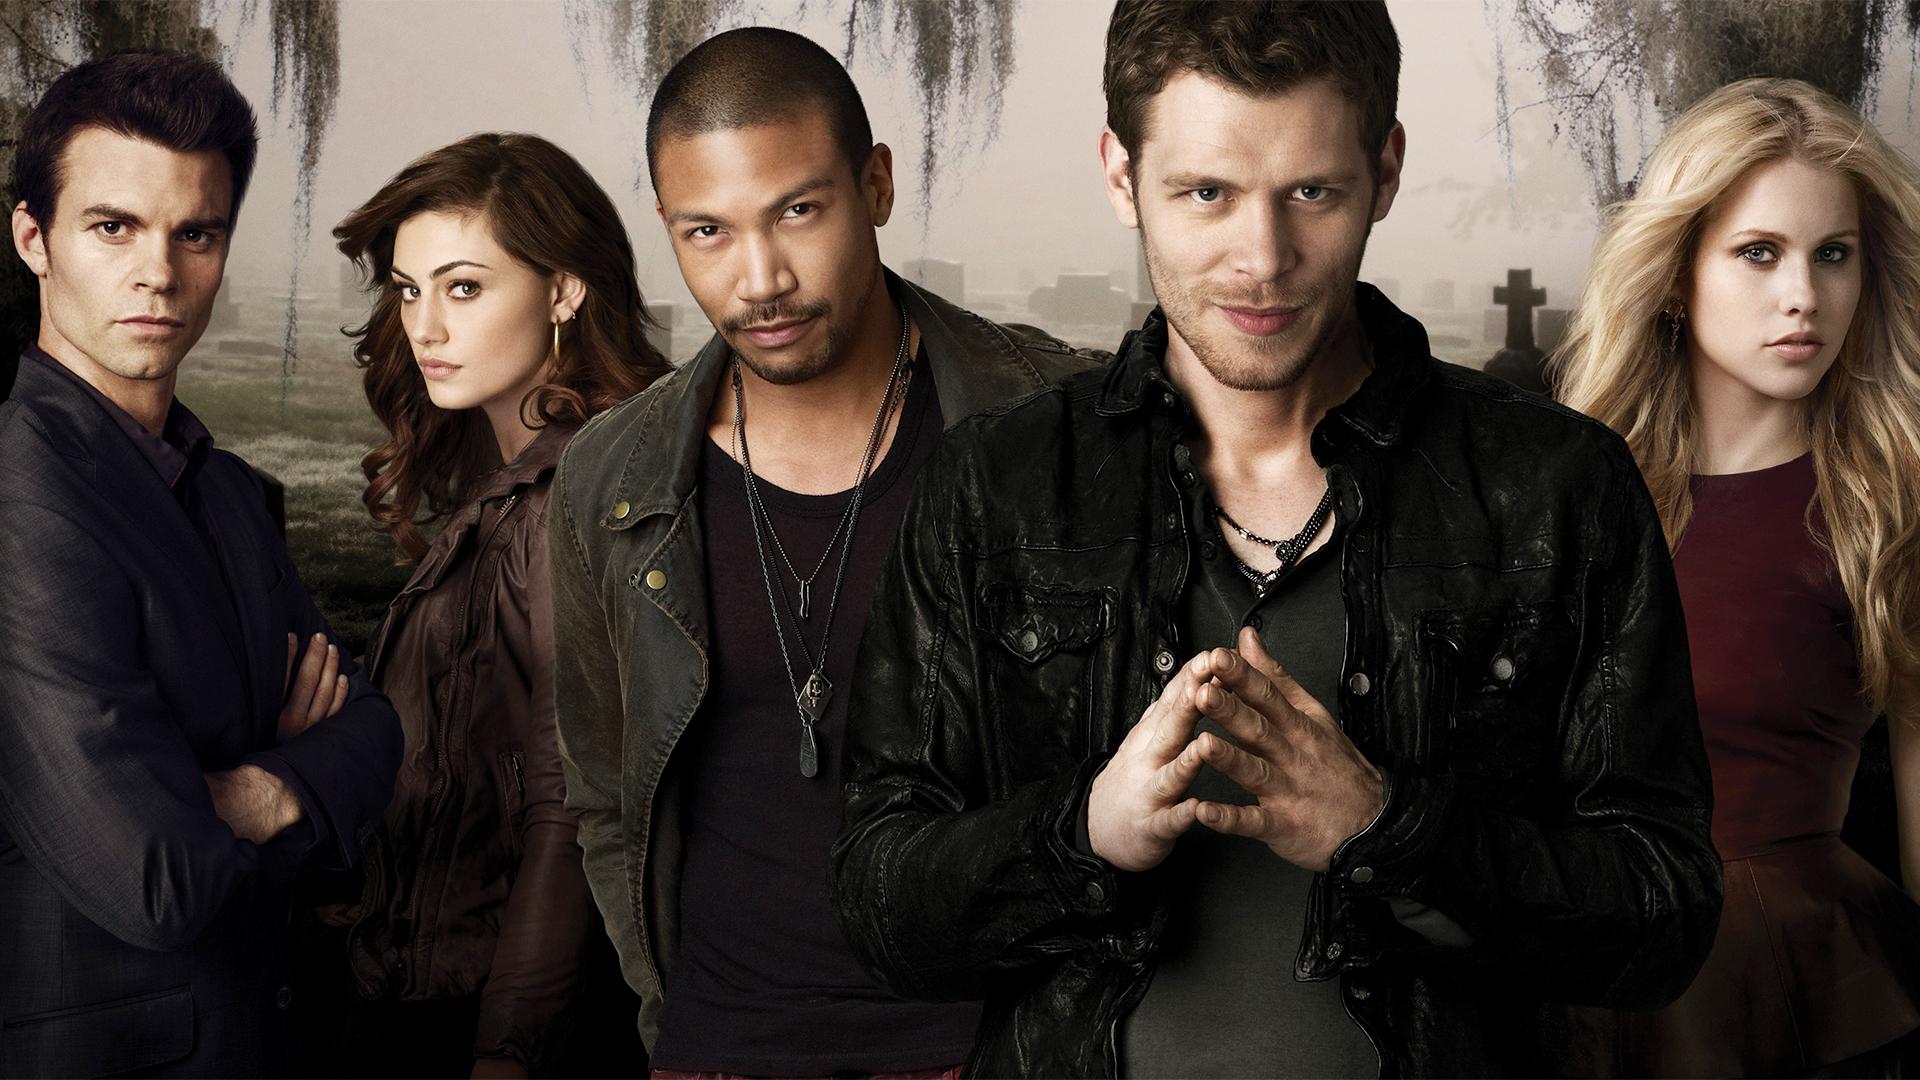 دانلود زیرنویس فصل 5 سریال اصیل ها The Originals s5 3